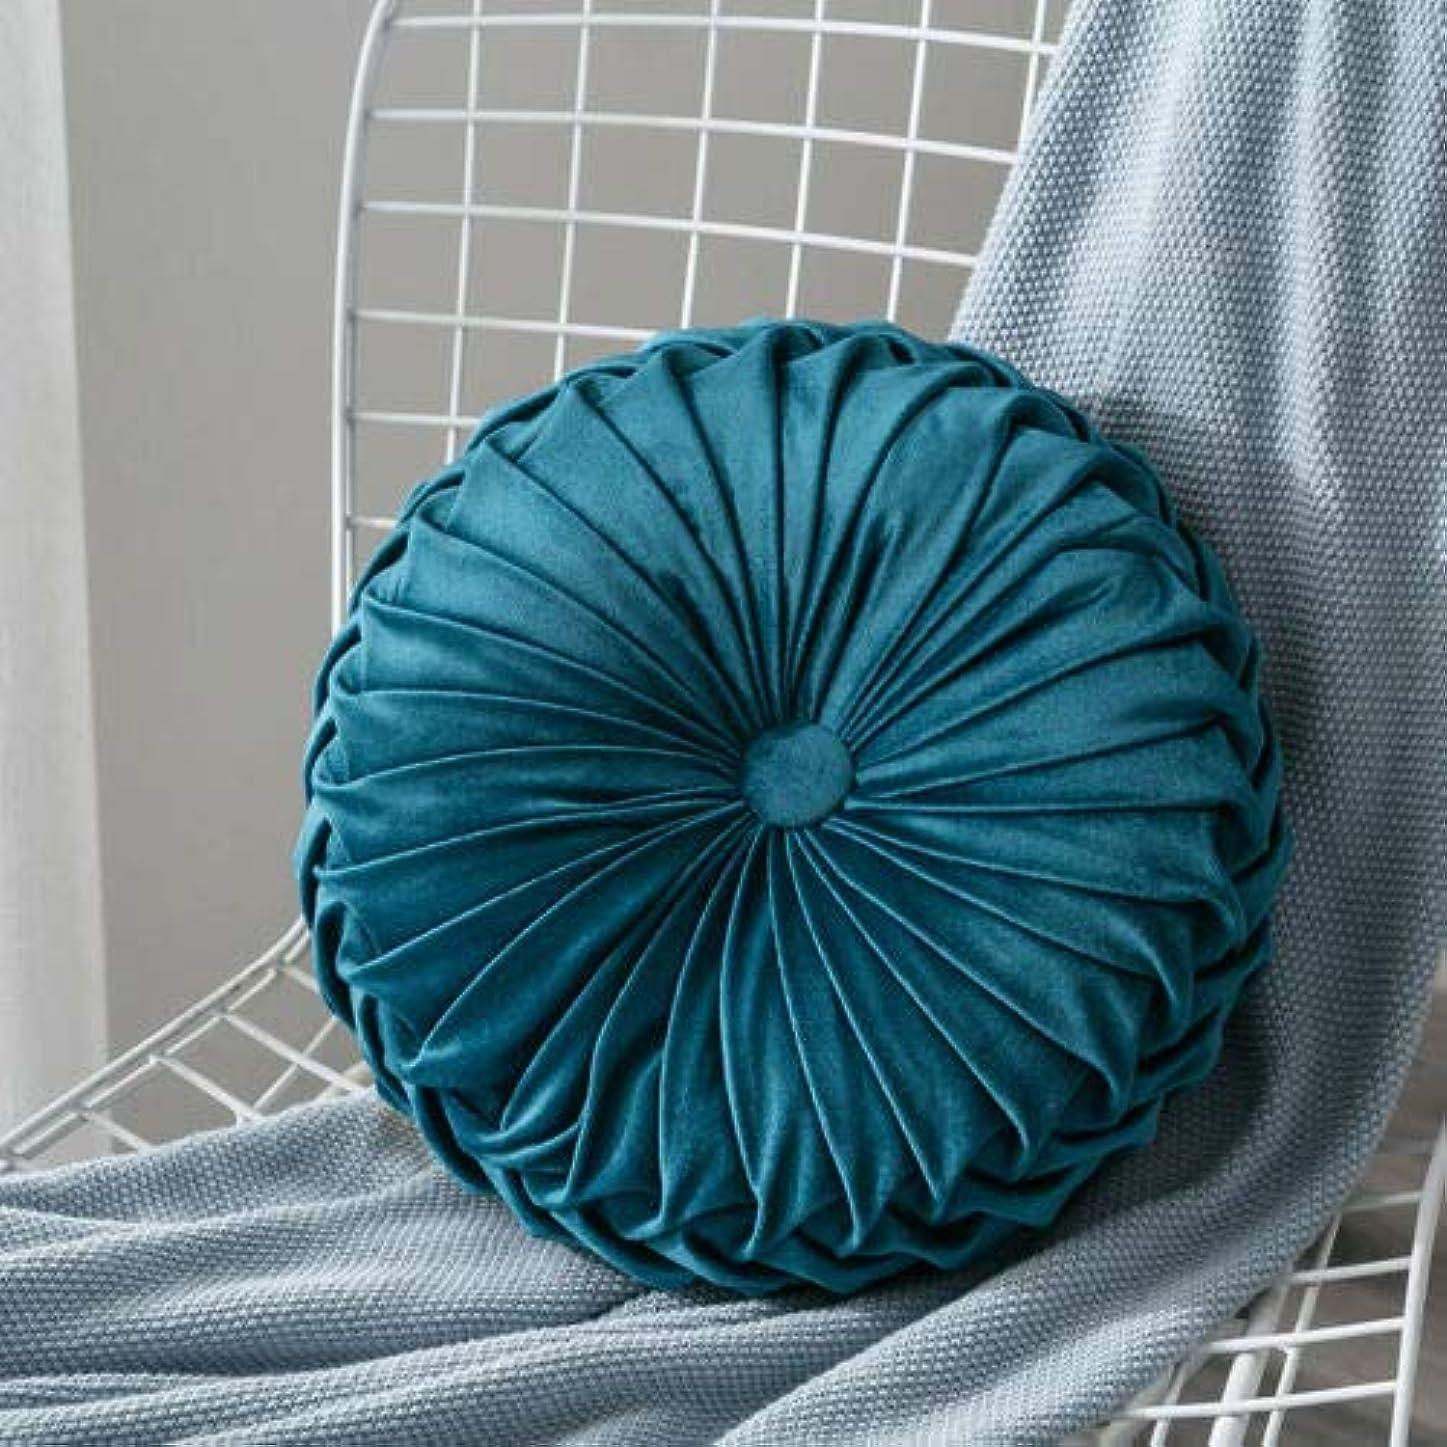 吸い込む授業料挨拶するLIFE ベルベットプリーツラウンドカボチャ枕ソファクッション床枕の装飾 クッション 椅子